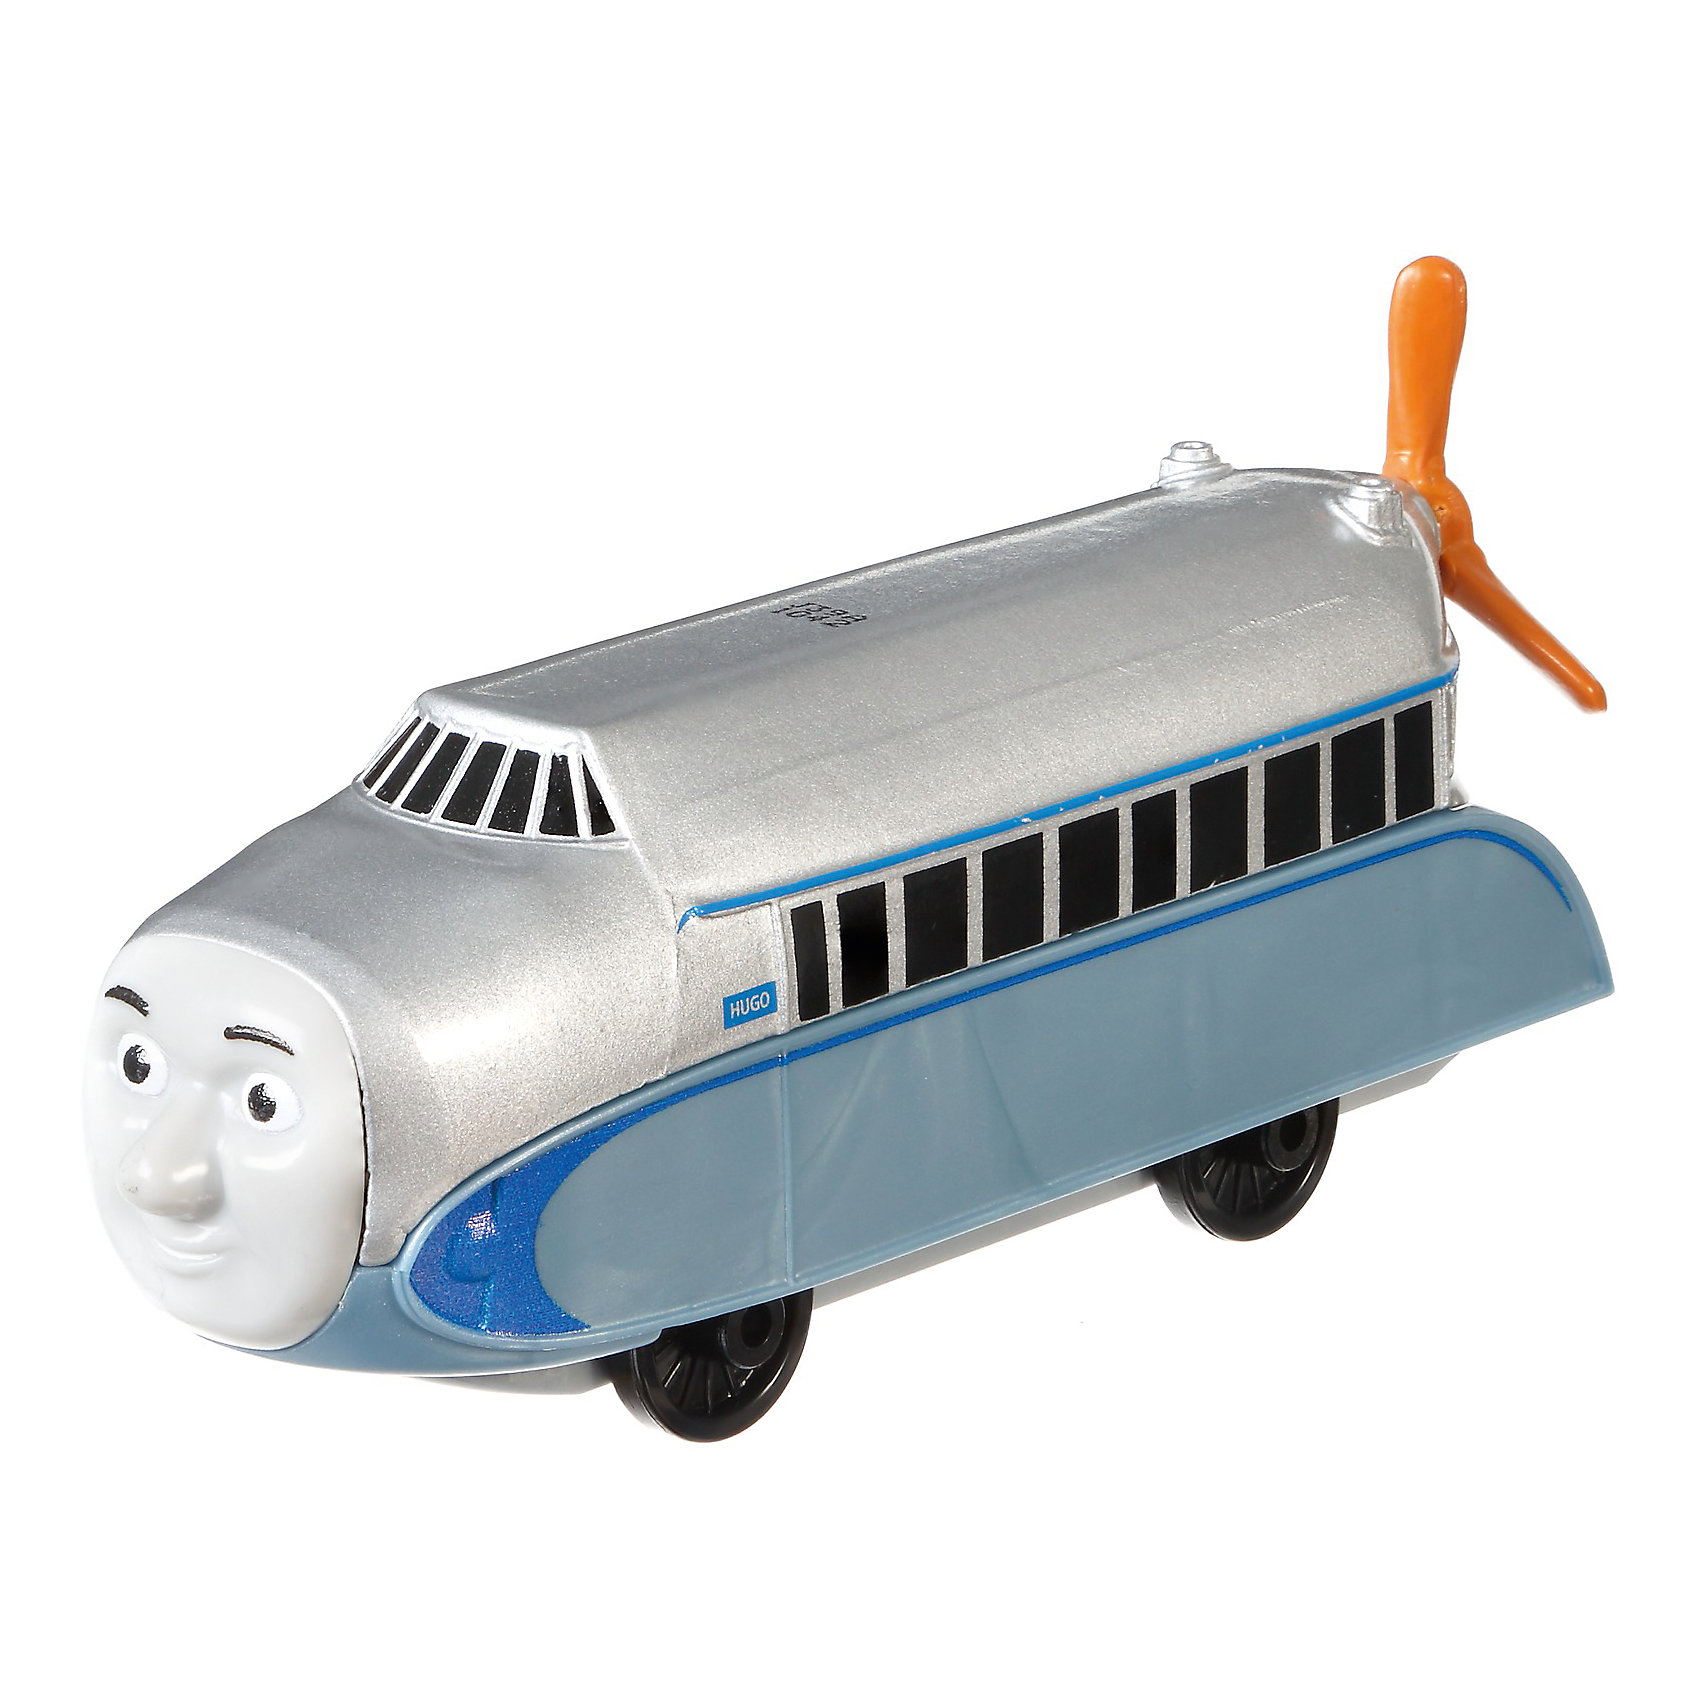 Большой паровозик, Томас и его друзьяПопулярные игрушки<br>Большой паровозик, Томас и его друзья.<br><br>Характеристики:<br><br>• Материал: пластик, металл<br>• Размер упаковки: 19х11,5х3 см.<br>• Вес: 380 гр.<br><br>Большой паровозик Хьюго с вертящимся пропеллером создан по мотивам мультфильма Томас и его друзья, невероятно популярного среди миллионов детей во всем мире. Игрушка отличается высокой степенью детализации и соответствия своему экранному прототипу. Она станет отличным подарком для поклонников мультсериала «Томас и друзья», а также для любителей железных дорог! Изготовлен из высококачественных материалов, используемые красители не содержат токсичных компонентов и полностью безопасны для здоровья ребенка.<br><br>Большой паровозик, Томас и его друзья можно купить в нашем интернет-магазине.<br><br>Ширина мм: 190<br>Глубина мм: 35<br>Высота мм: 115<br>Вес г: 54<br>Возраст от месяцев: 36<br>Возраст до месяцев: 120<br>Пол: Мужской<br>Возраст: Детский<br>SKU: 5440304